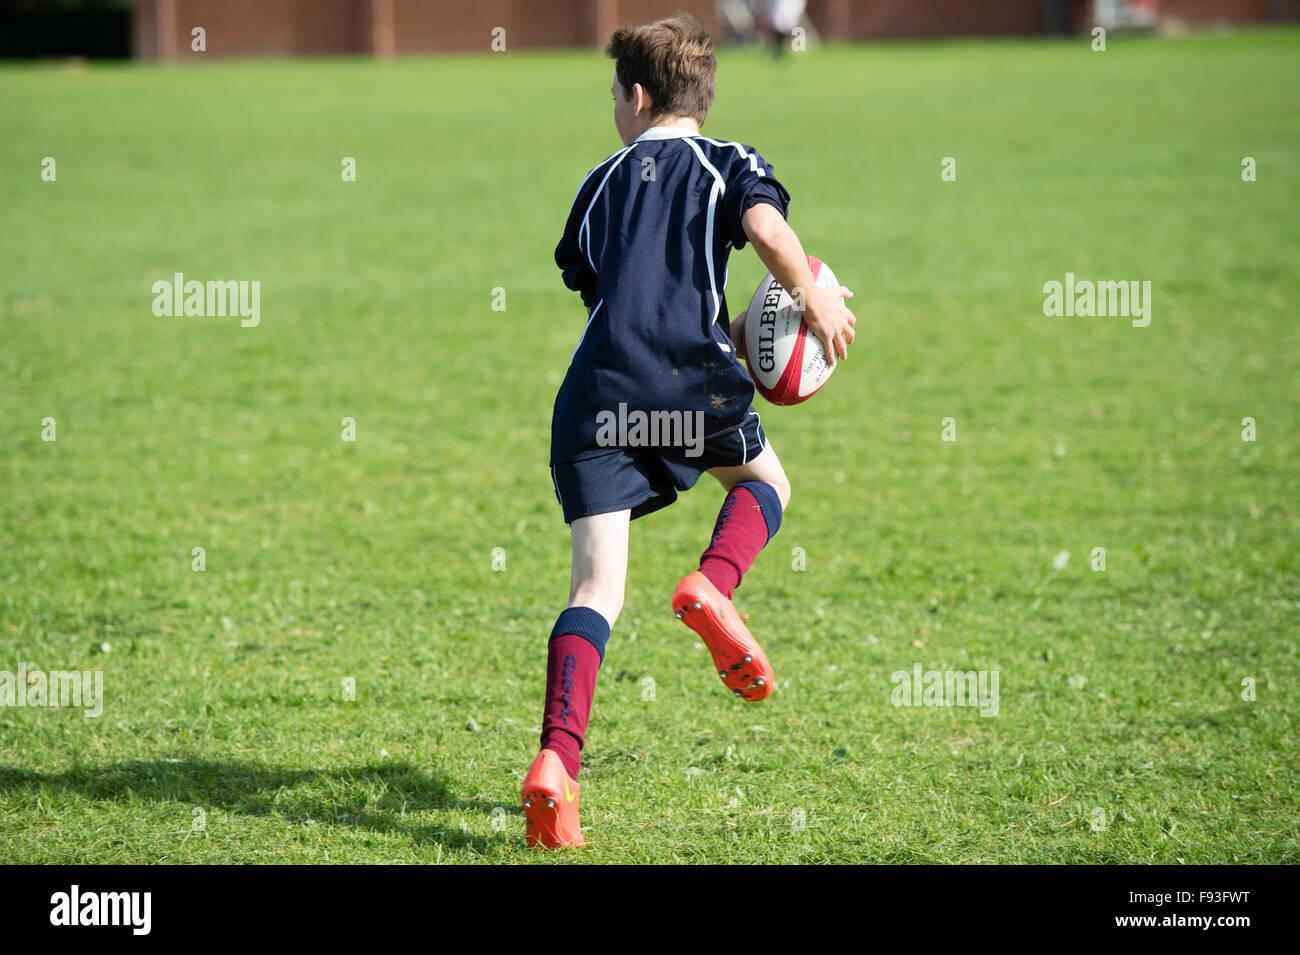 La educación secundaria Gales UK: lección de educación física - un adolescente jugando al rugby Imagen De Stock